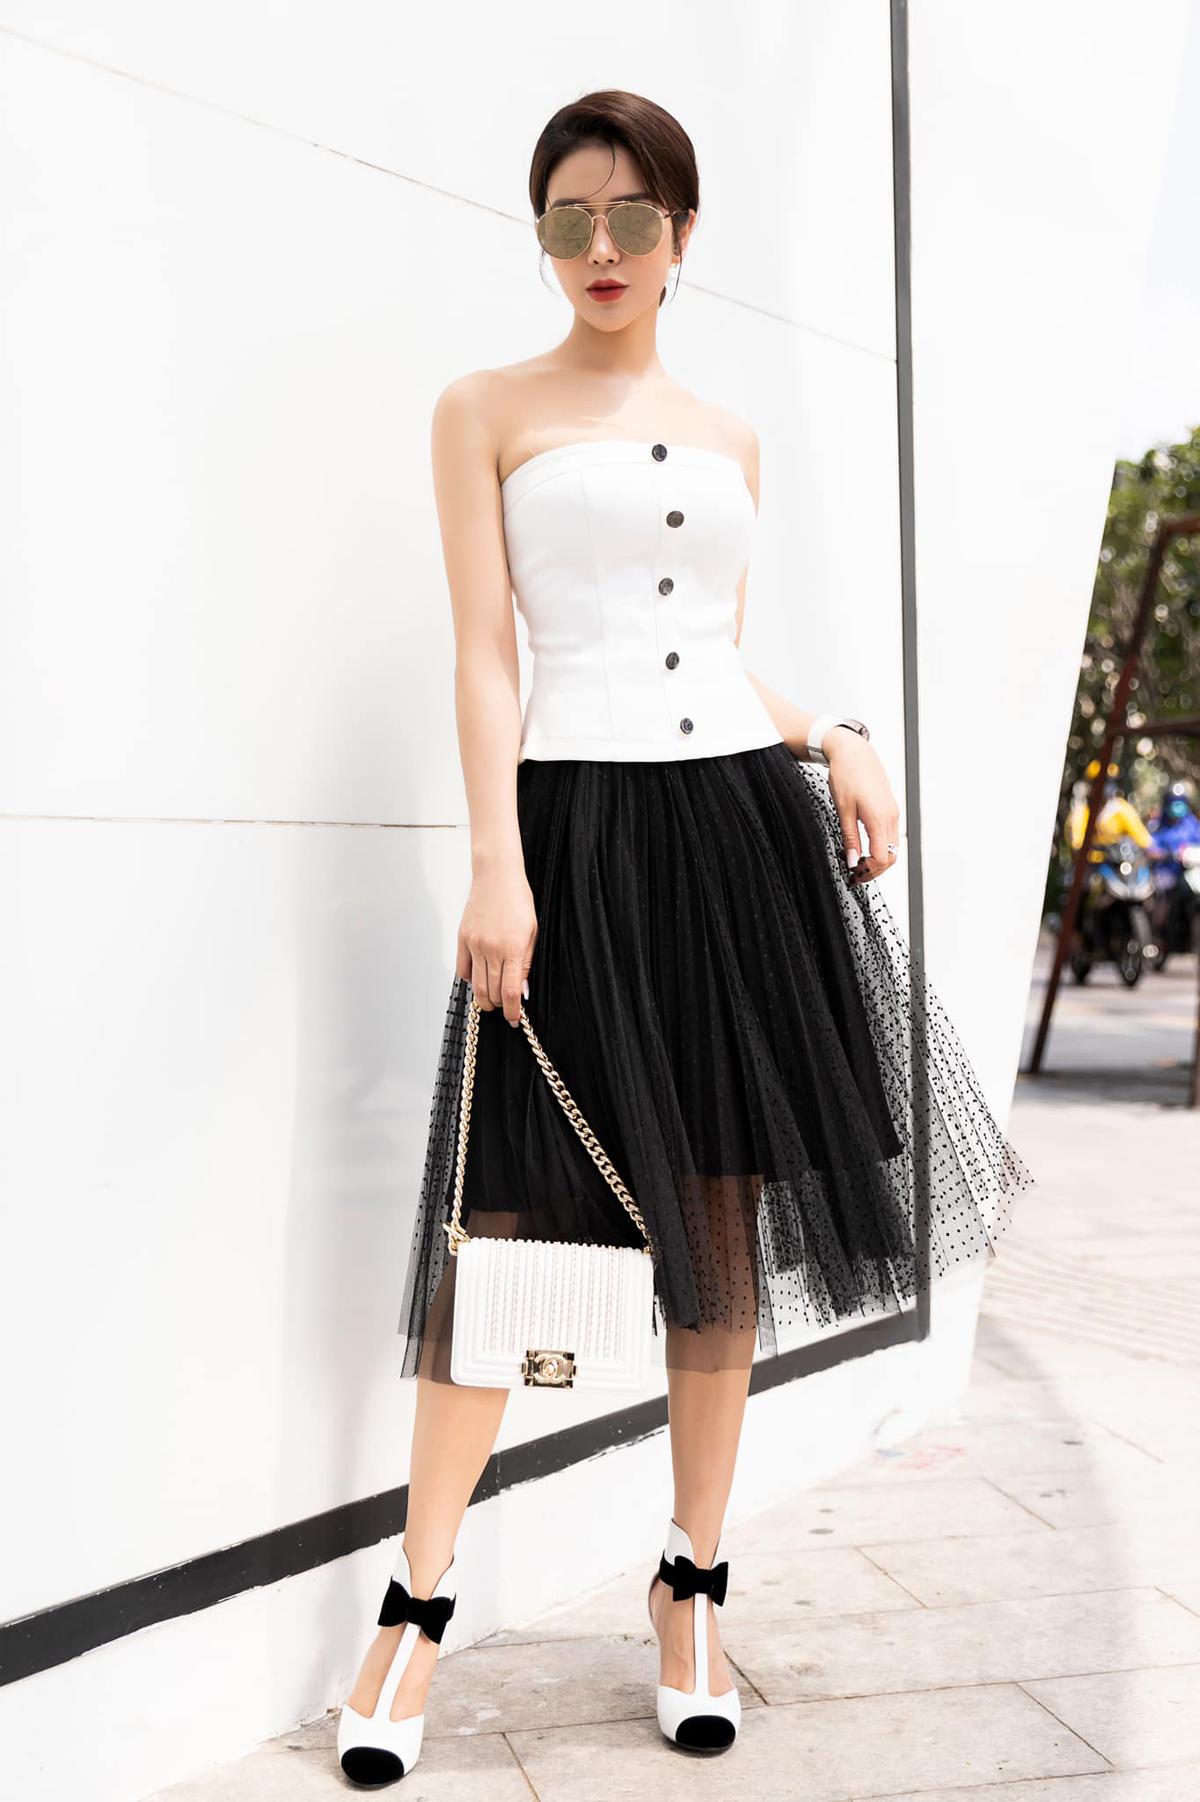 Thường ngày thích phong cách cá tính, Diệp Lâm Anh gây bất ngờ khi đổi gió với trang phục như tiểu thư. Váy quây, chân váy tulle và giày đính nơ giúp người đẹp trông rất nữ tính.